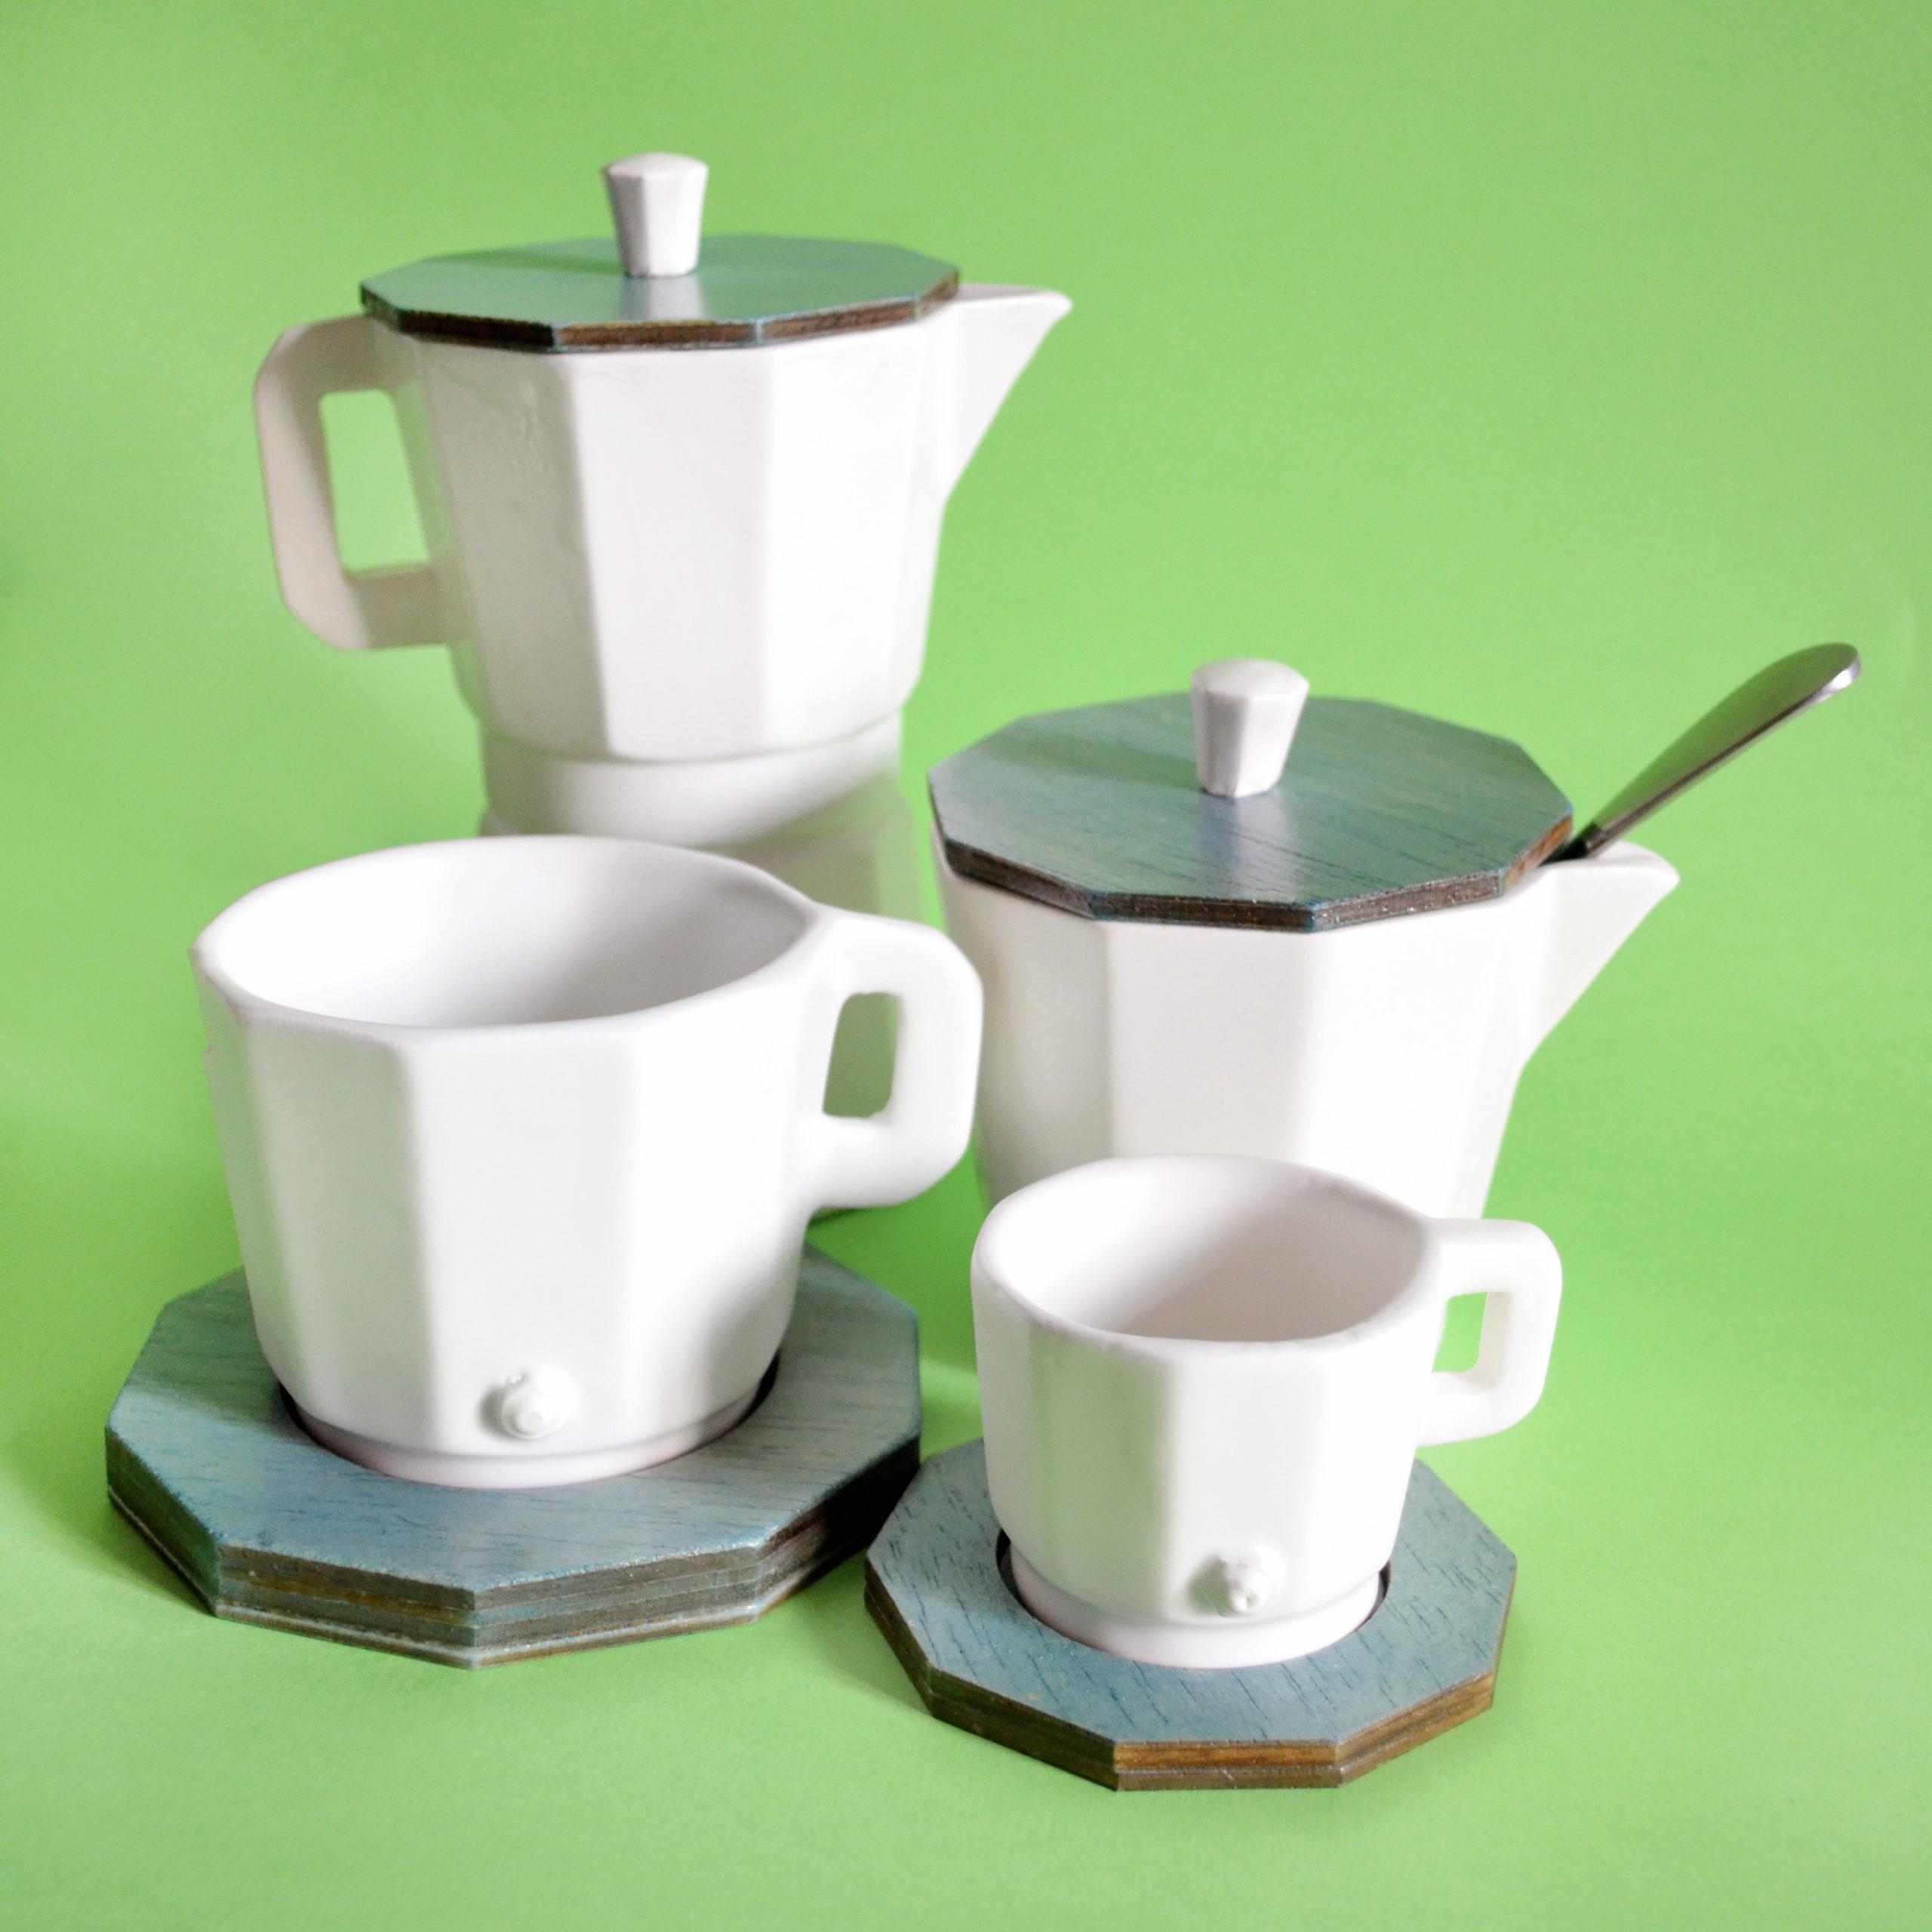 set de cafe hecho a mano fabircado a mano en españa artesania moka cafe azucar